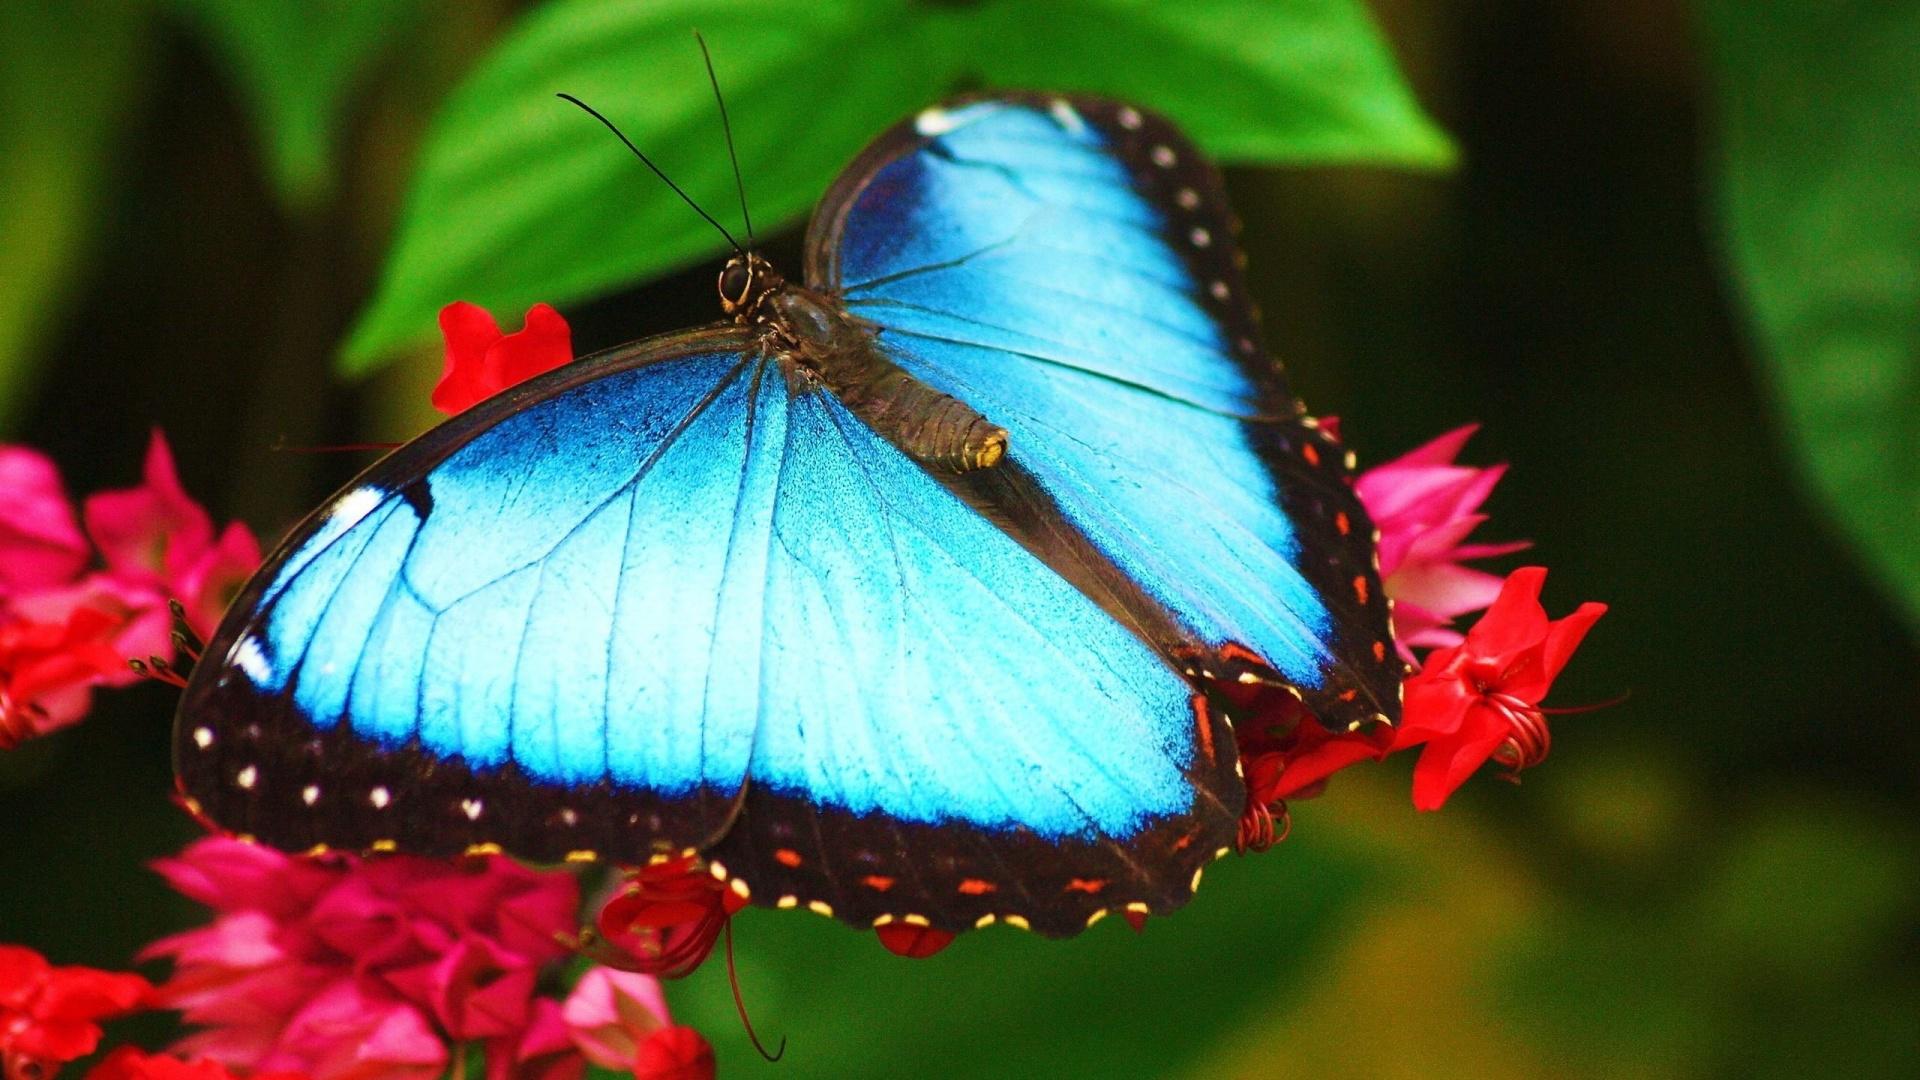 Beautiful Butterfly Wallpapers for Desktop - WallpaperSafari Wallpapers Of Butterflies